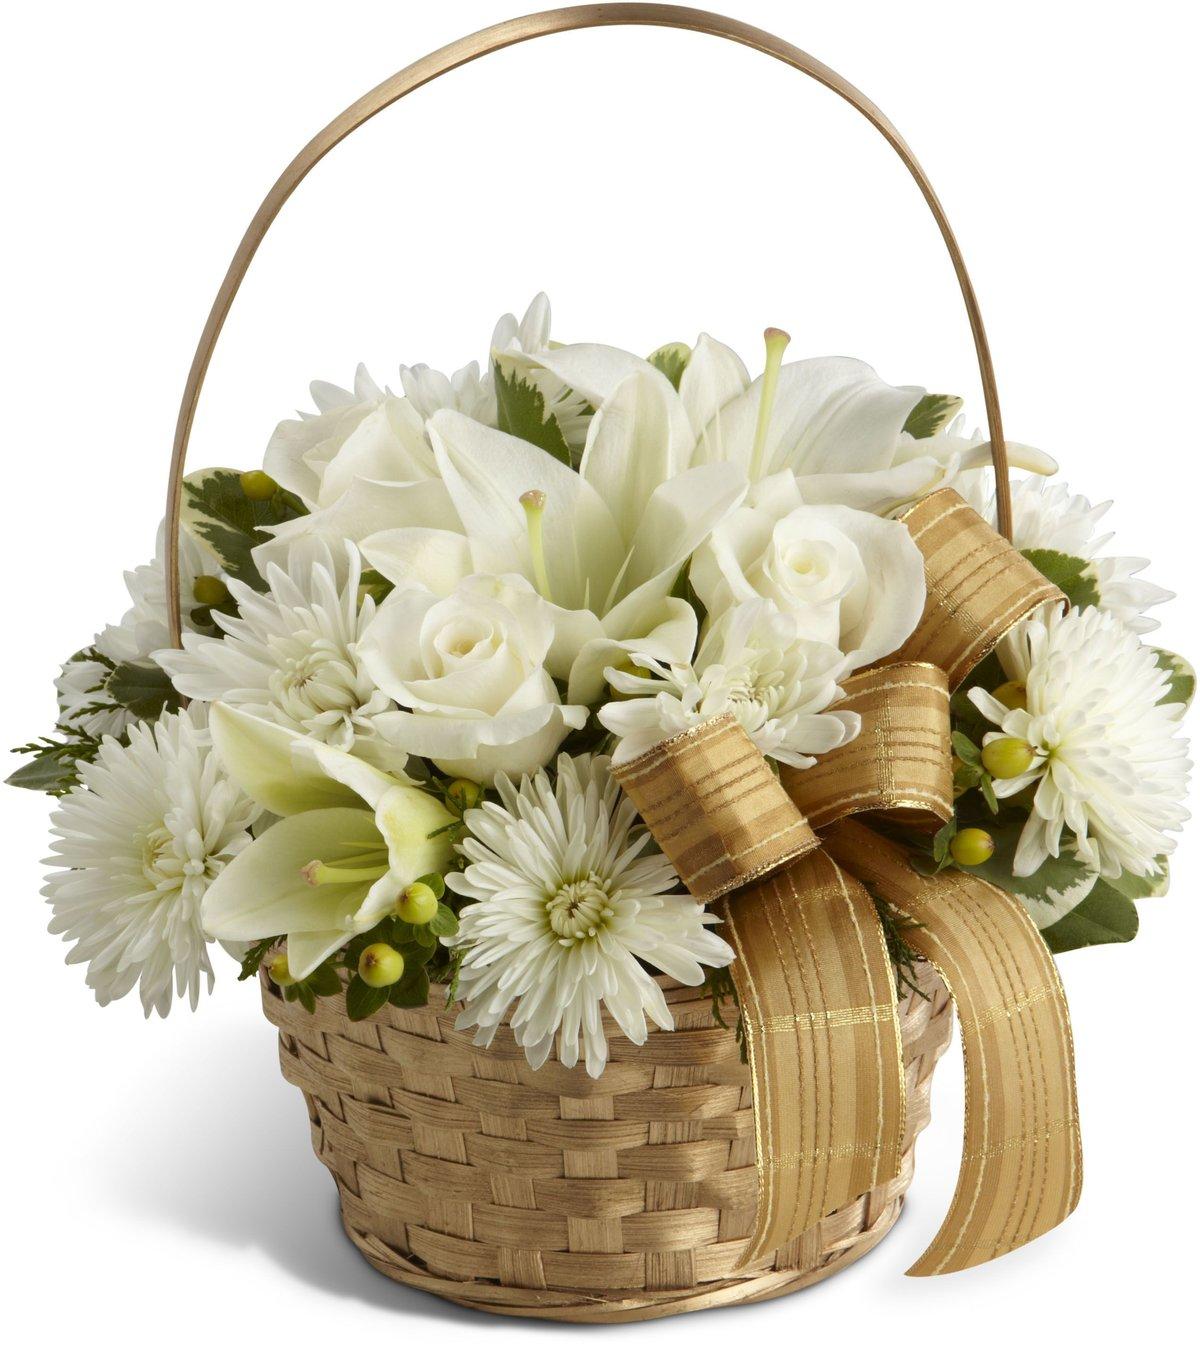 Поздравления днем, букет с лилиями в корзине